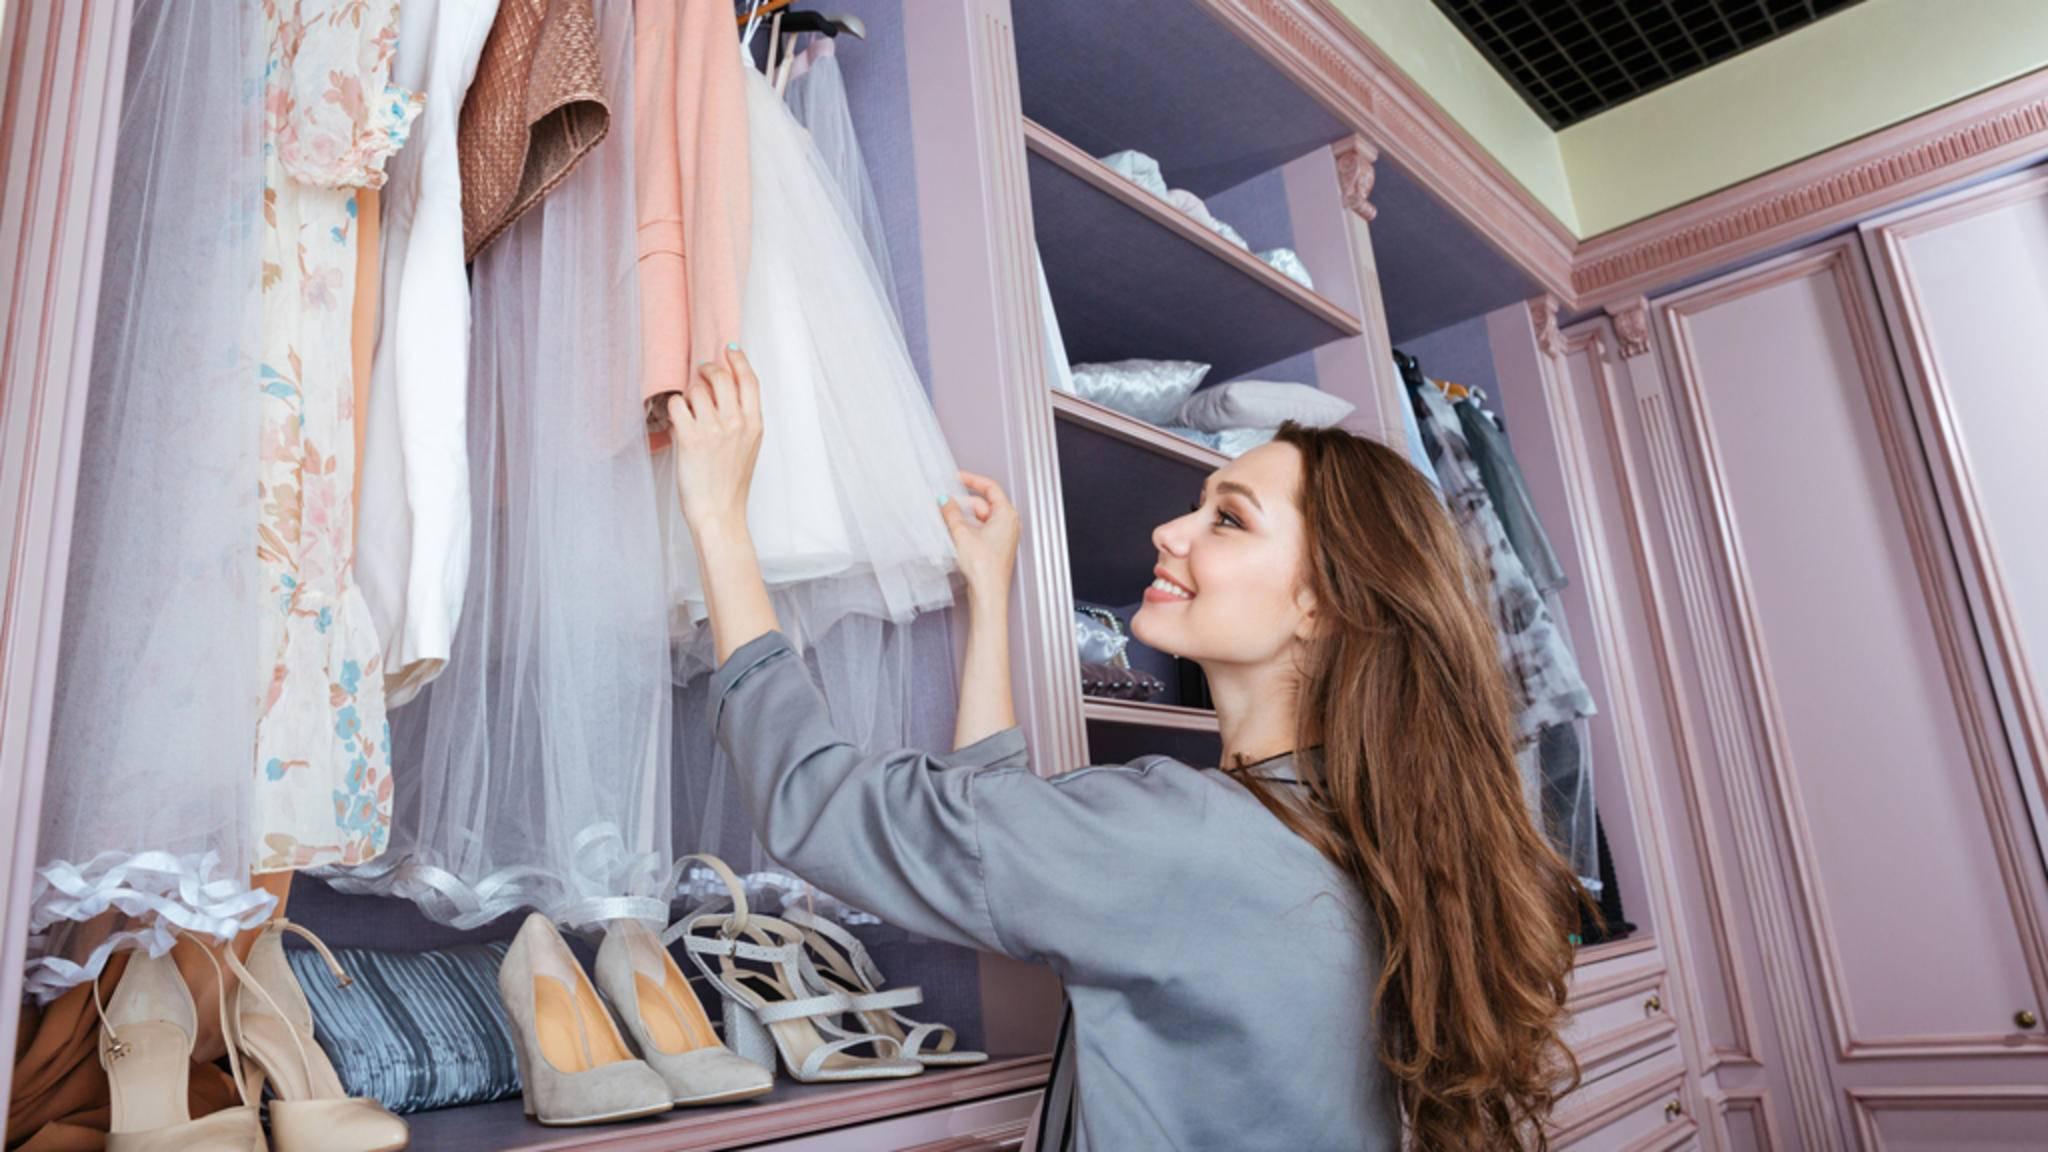 Mit einigen simplen Tricks findet jedes Teil den idealen Platz in Deinem Kleiderschrank.